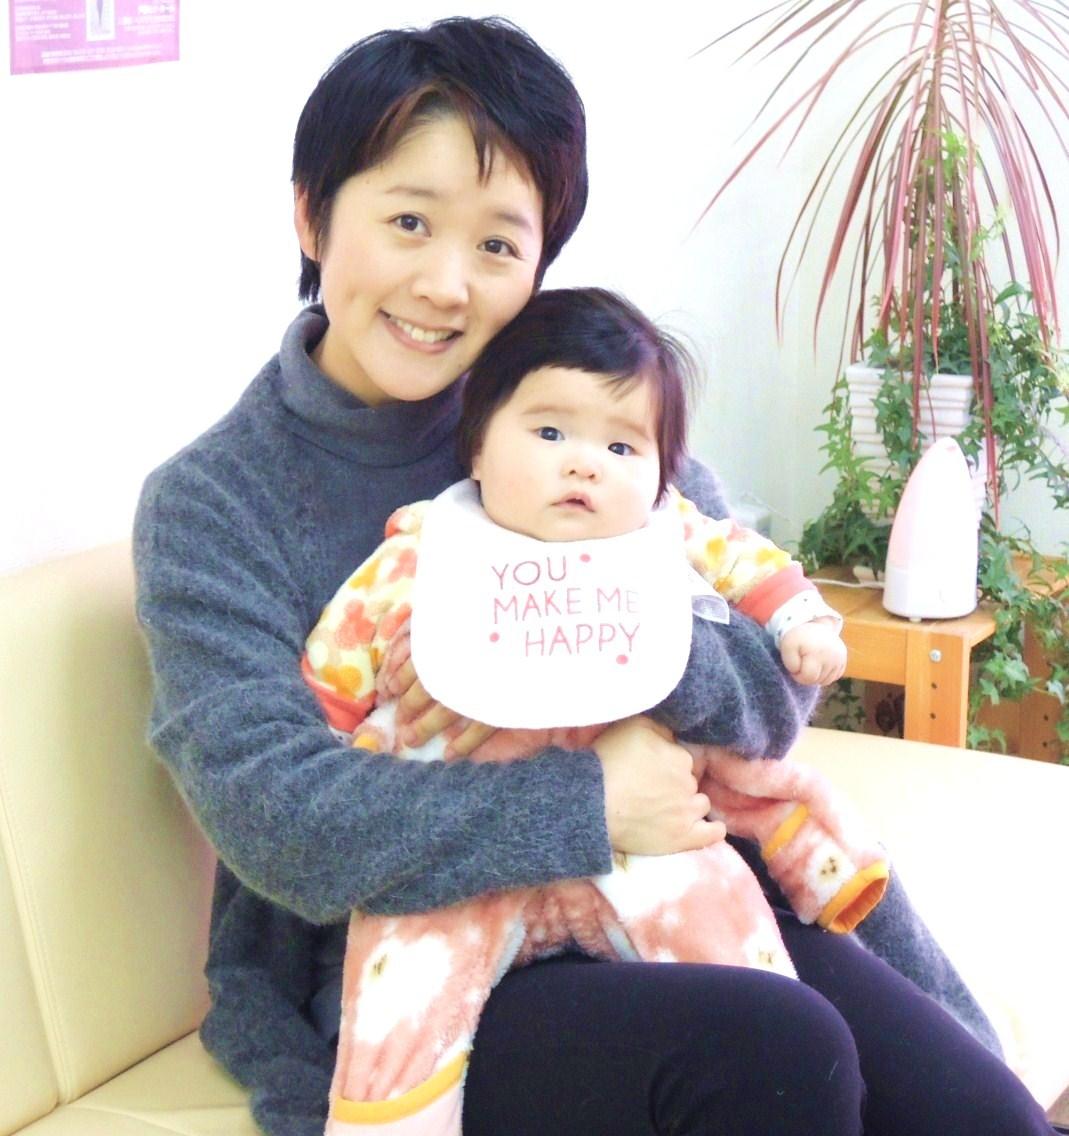 産後の骨盤矯正 明石市 Yさま 神戸垂水整体院